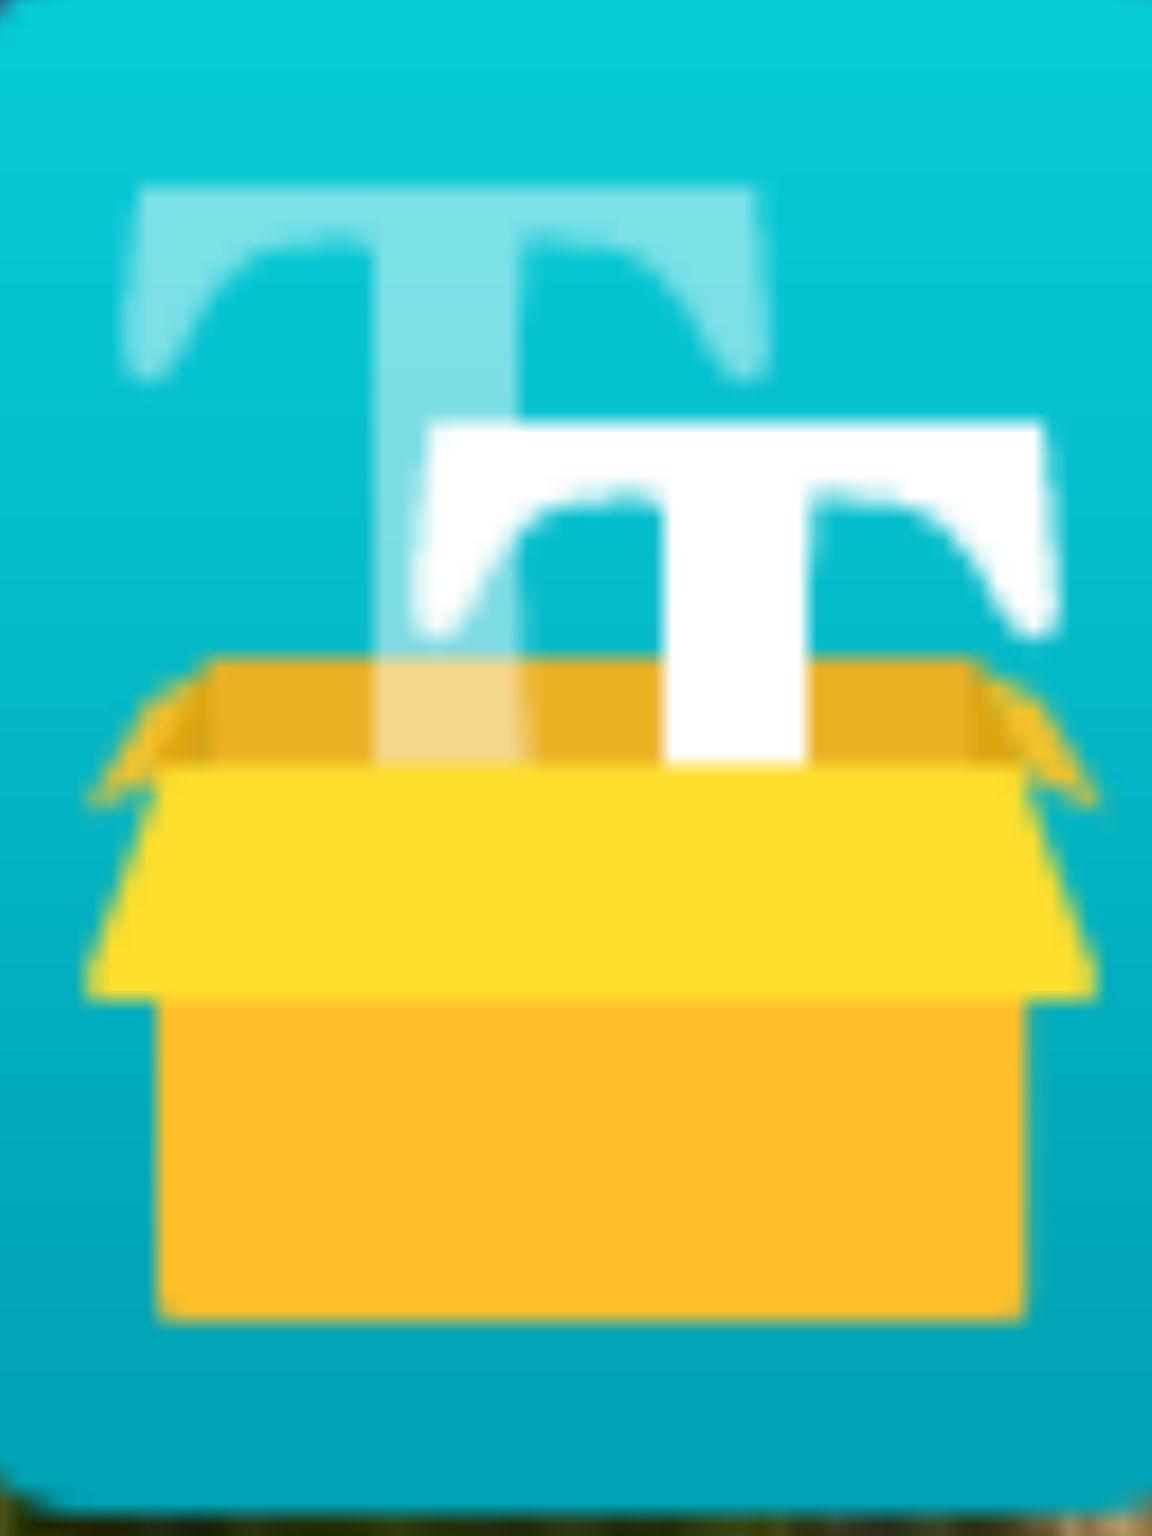 কোনো Root ছাড়াই Mobile এর Font এ নতুন নতুন Font এড দিন,খুব সহজে।ScreenSort সহ। By Raziur Rahaman